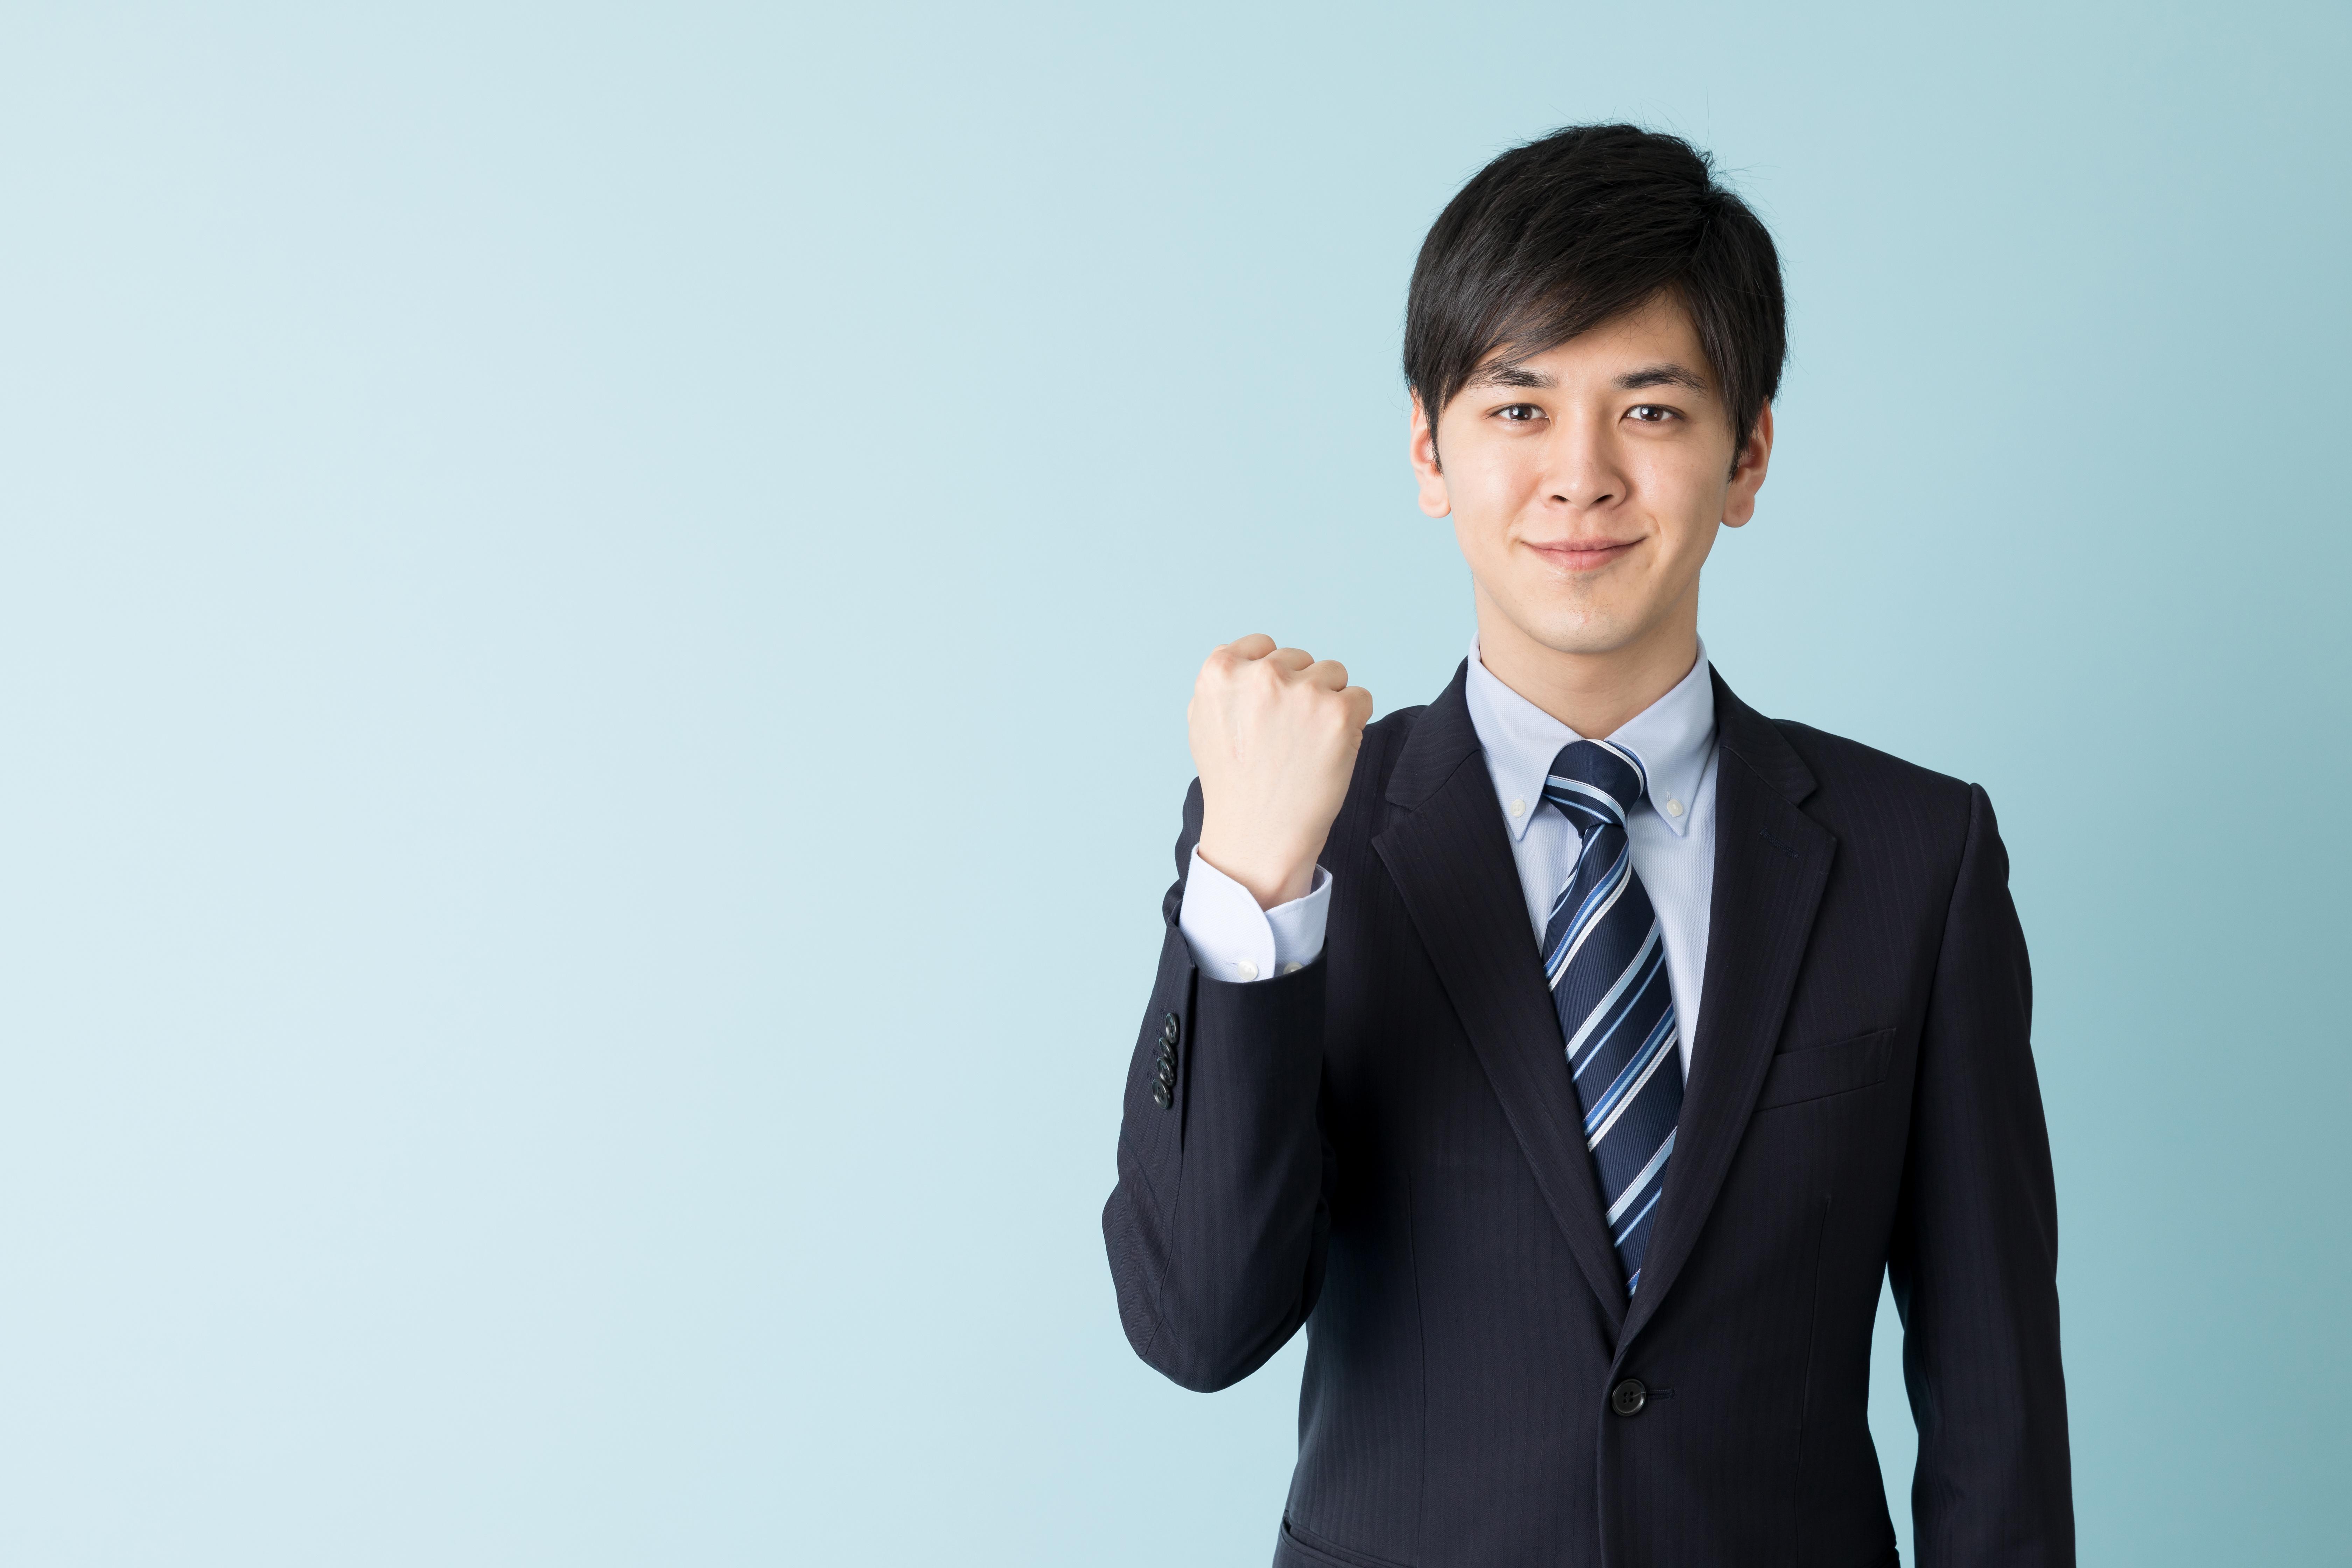 【サラリーマンの副業】収入を増やしたい方の決定版!副業情報!